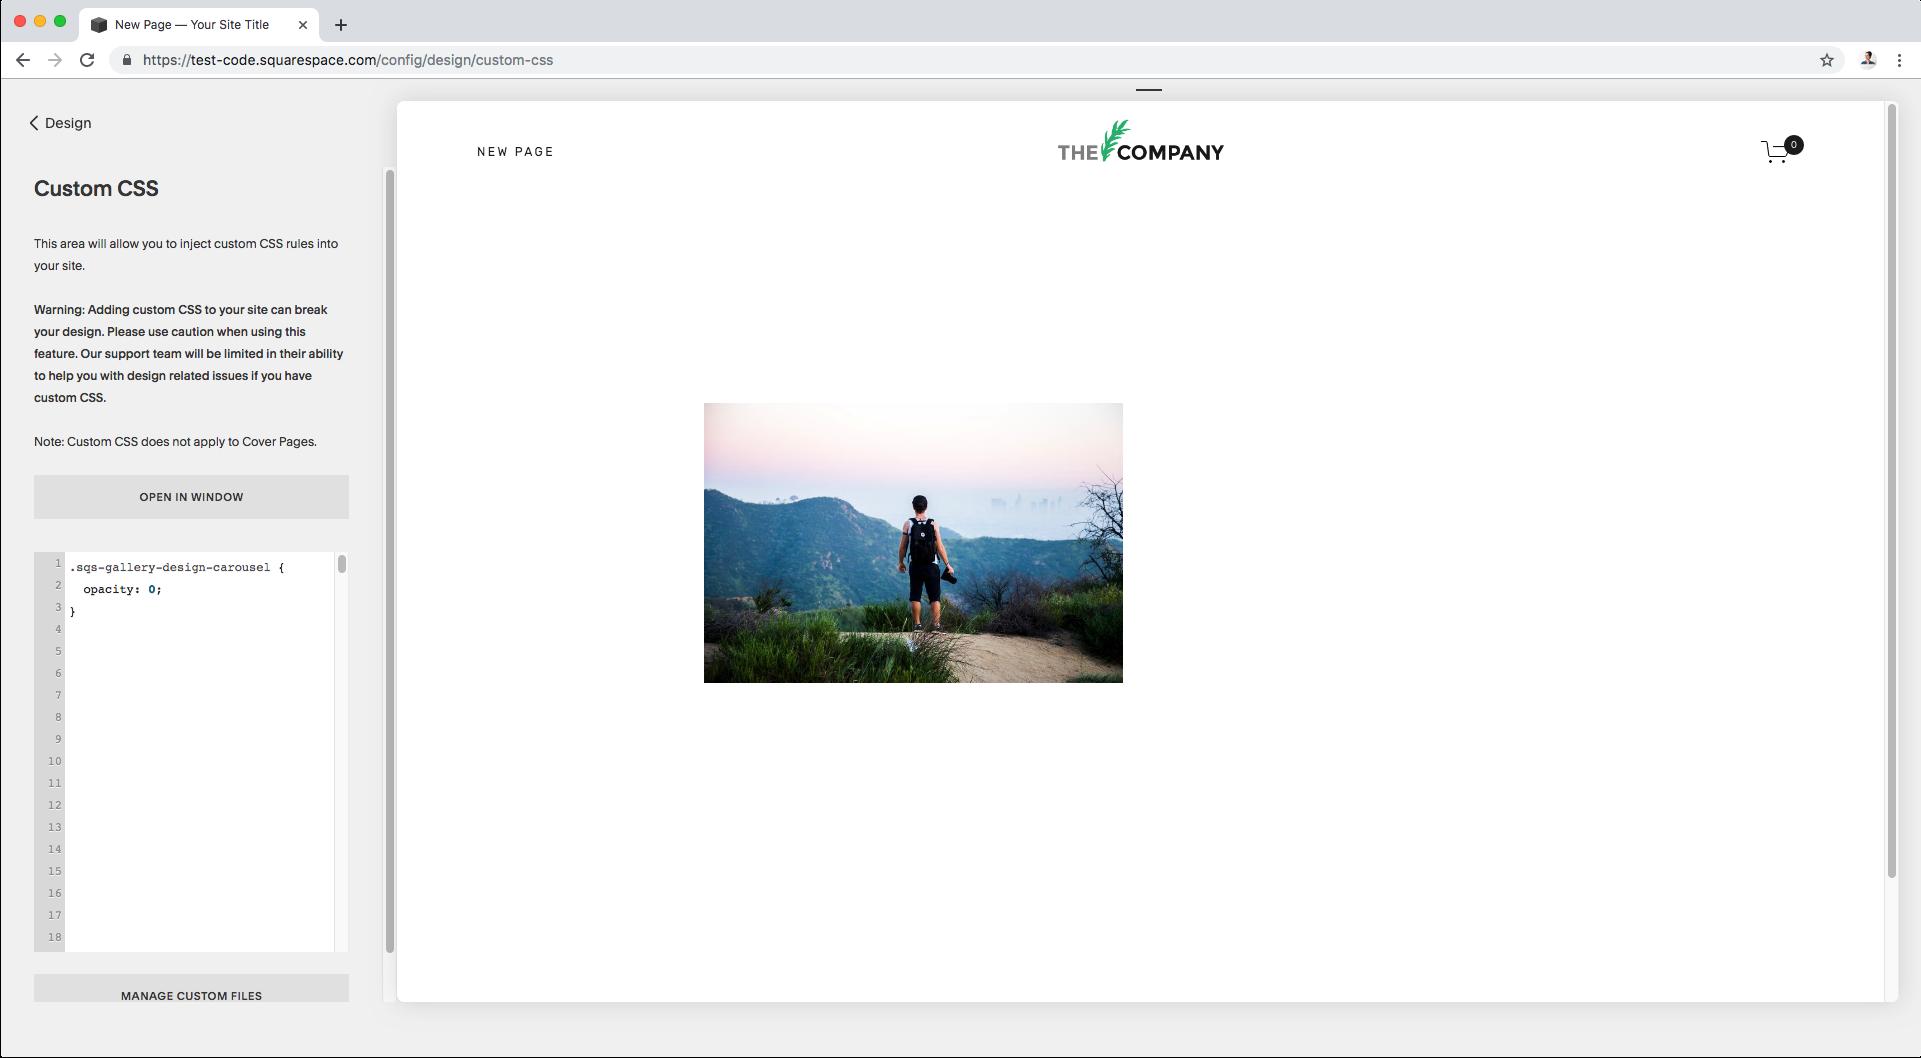 Screen Shot 2019-05-09 at 2.59.29 PM.png